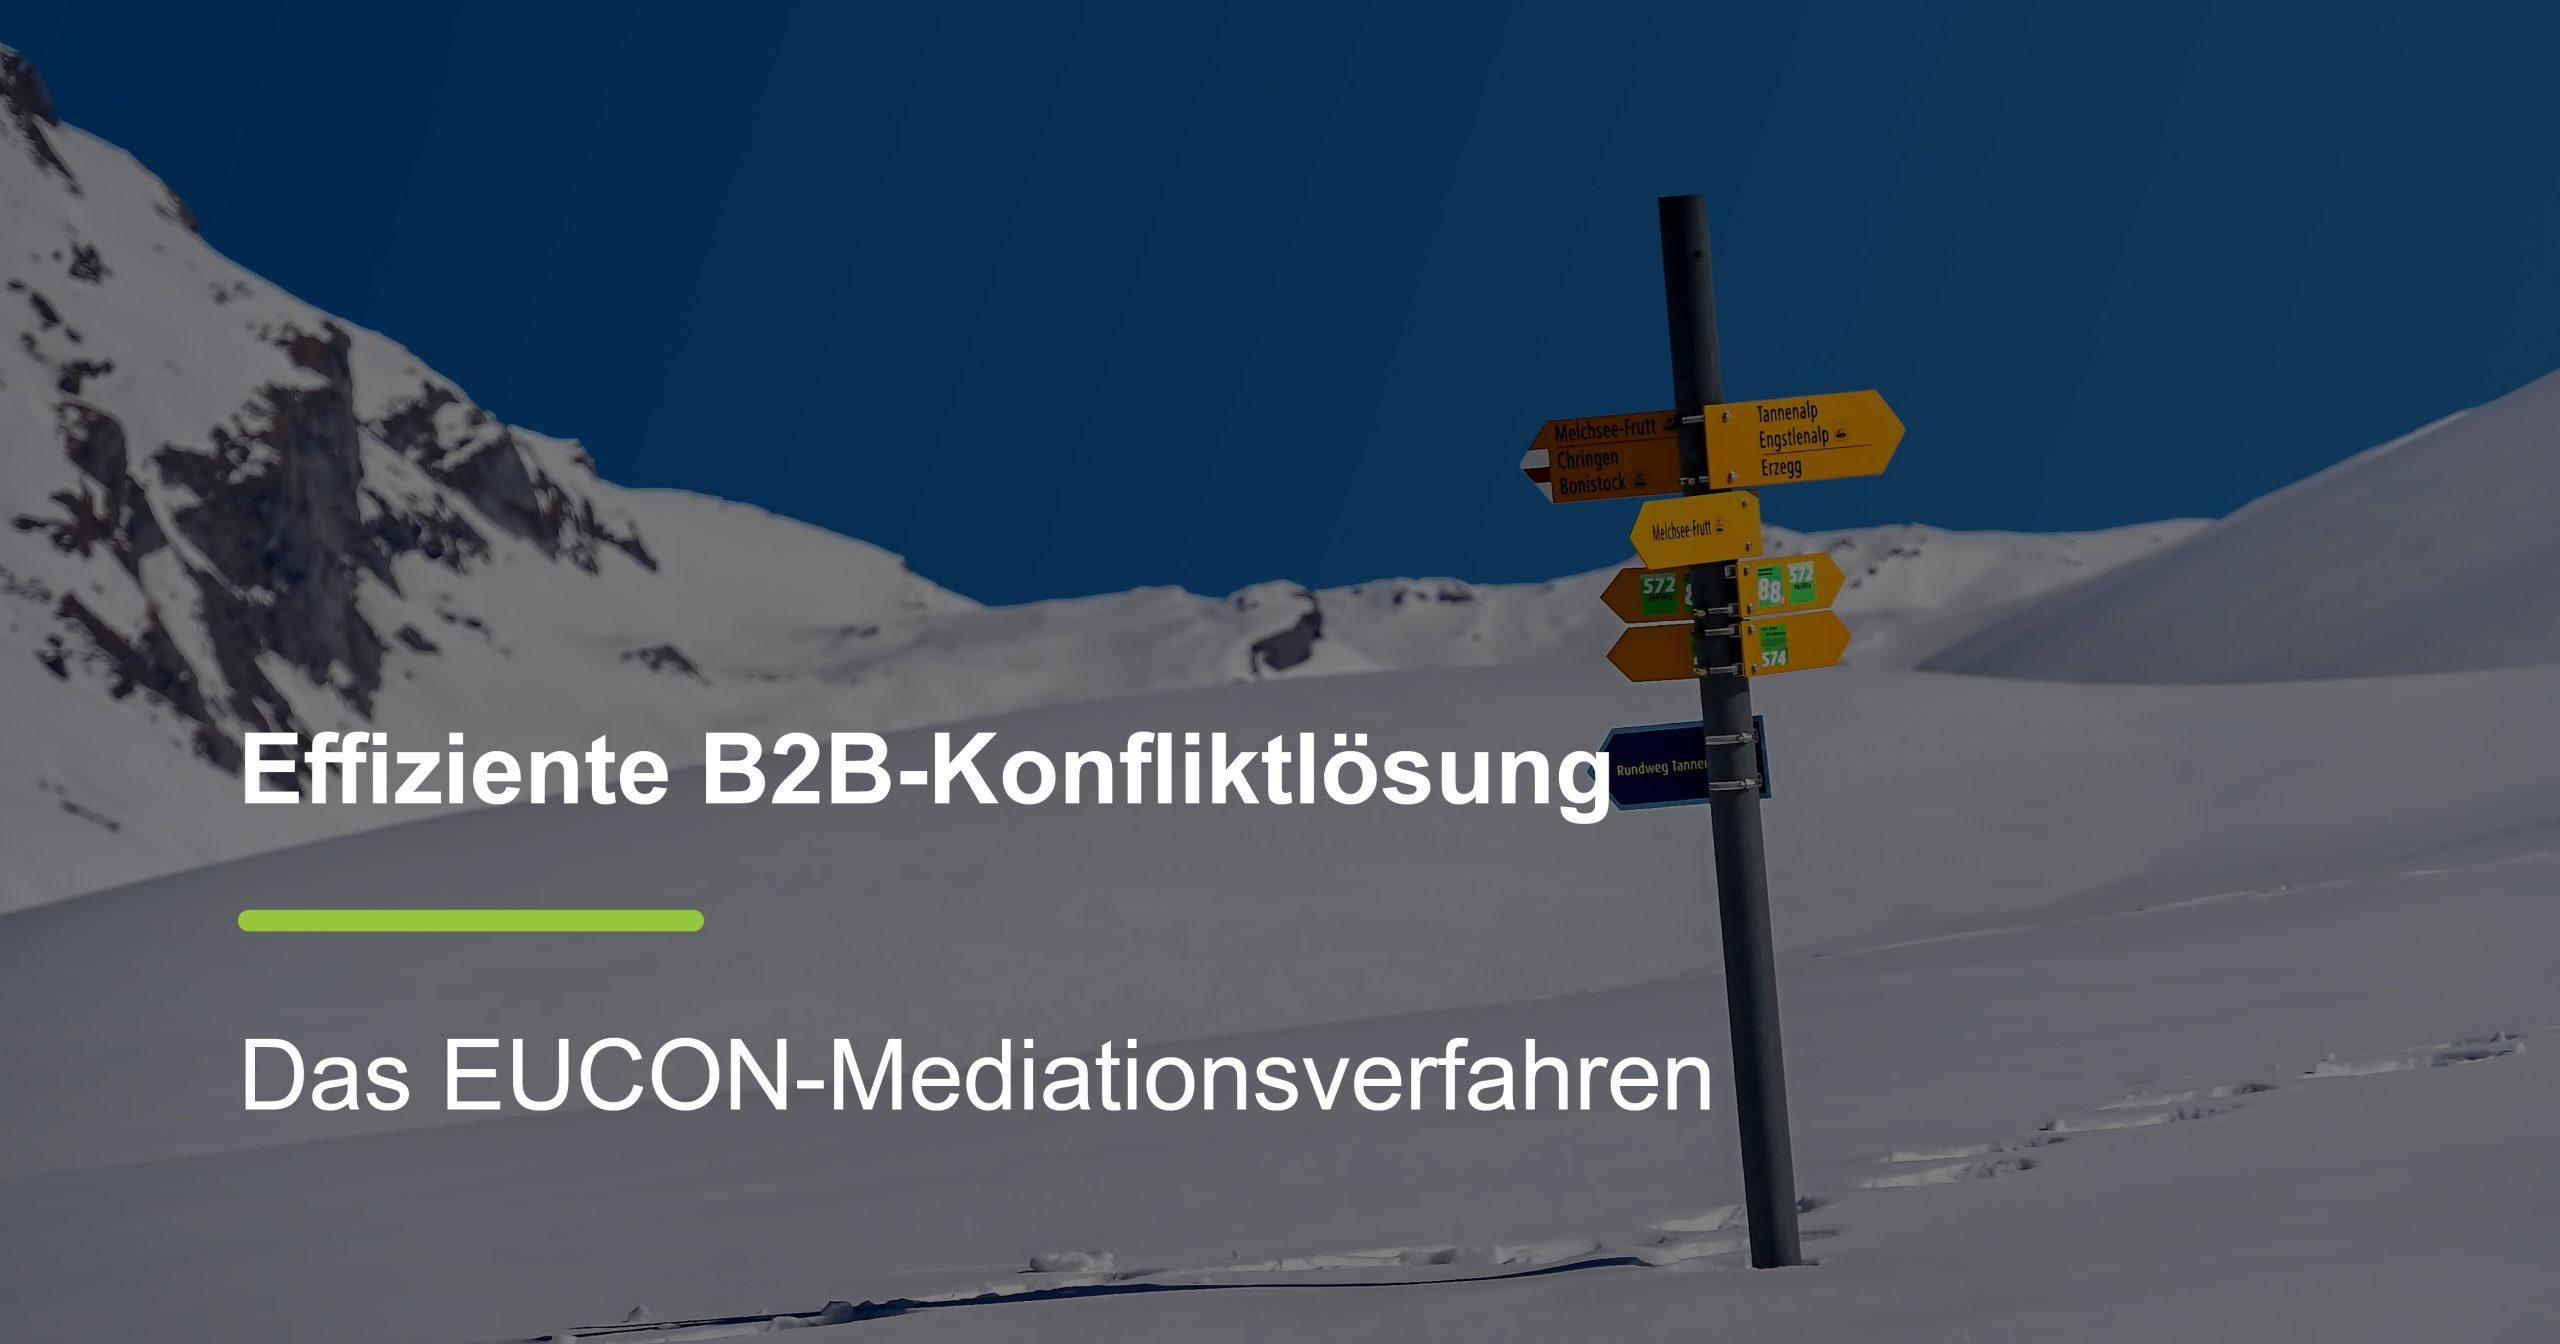 Effiziente B2B-Konfliktlösung